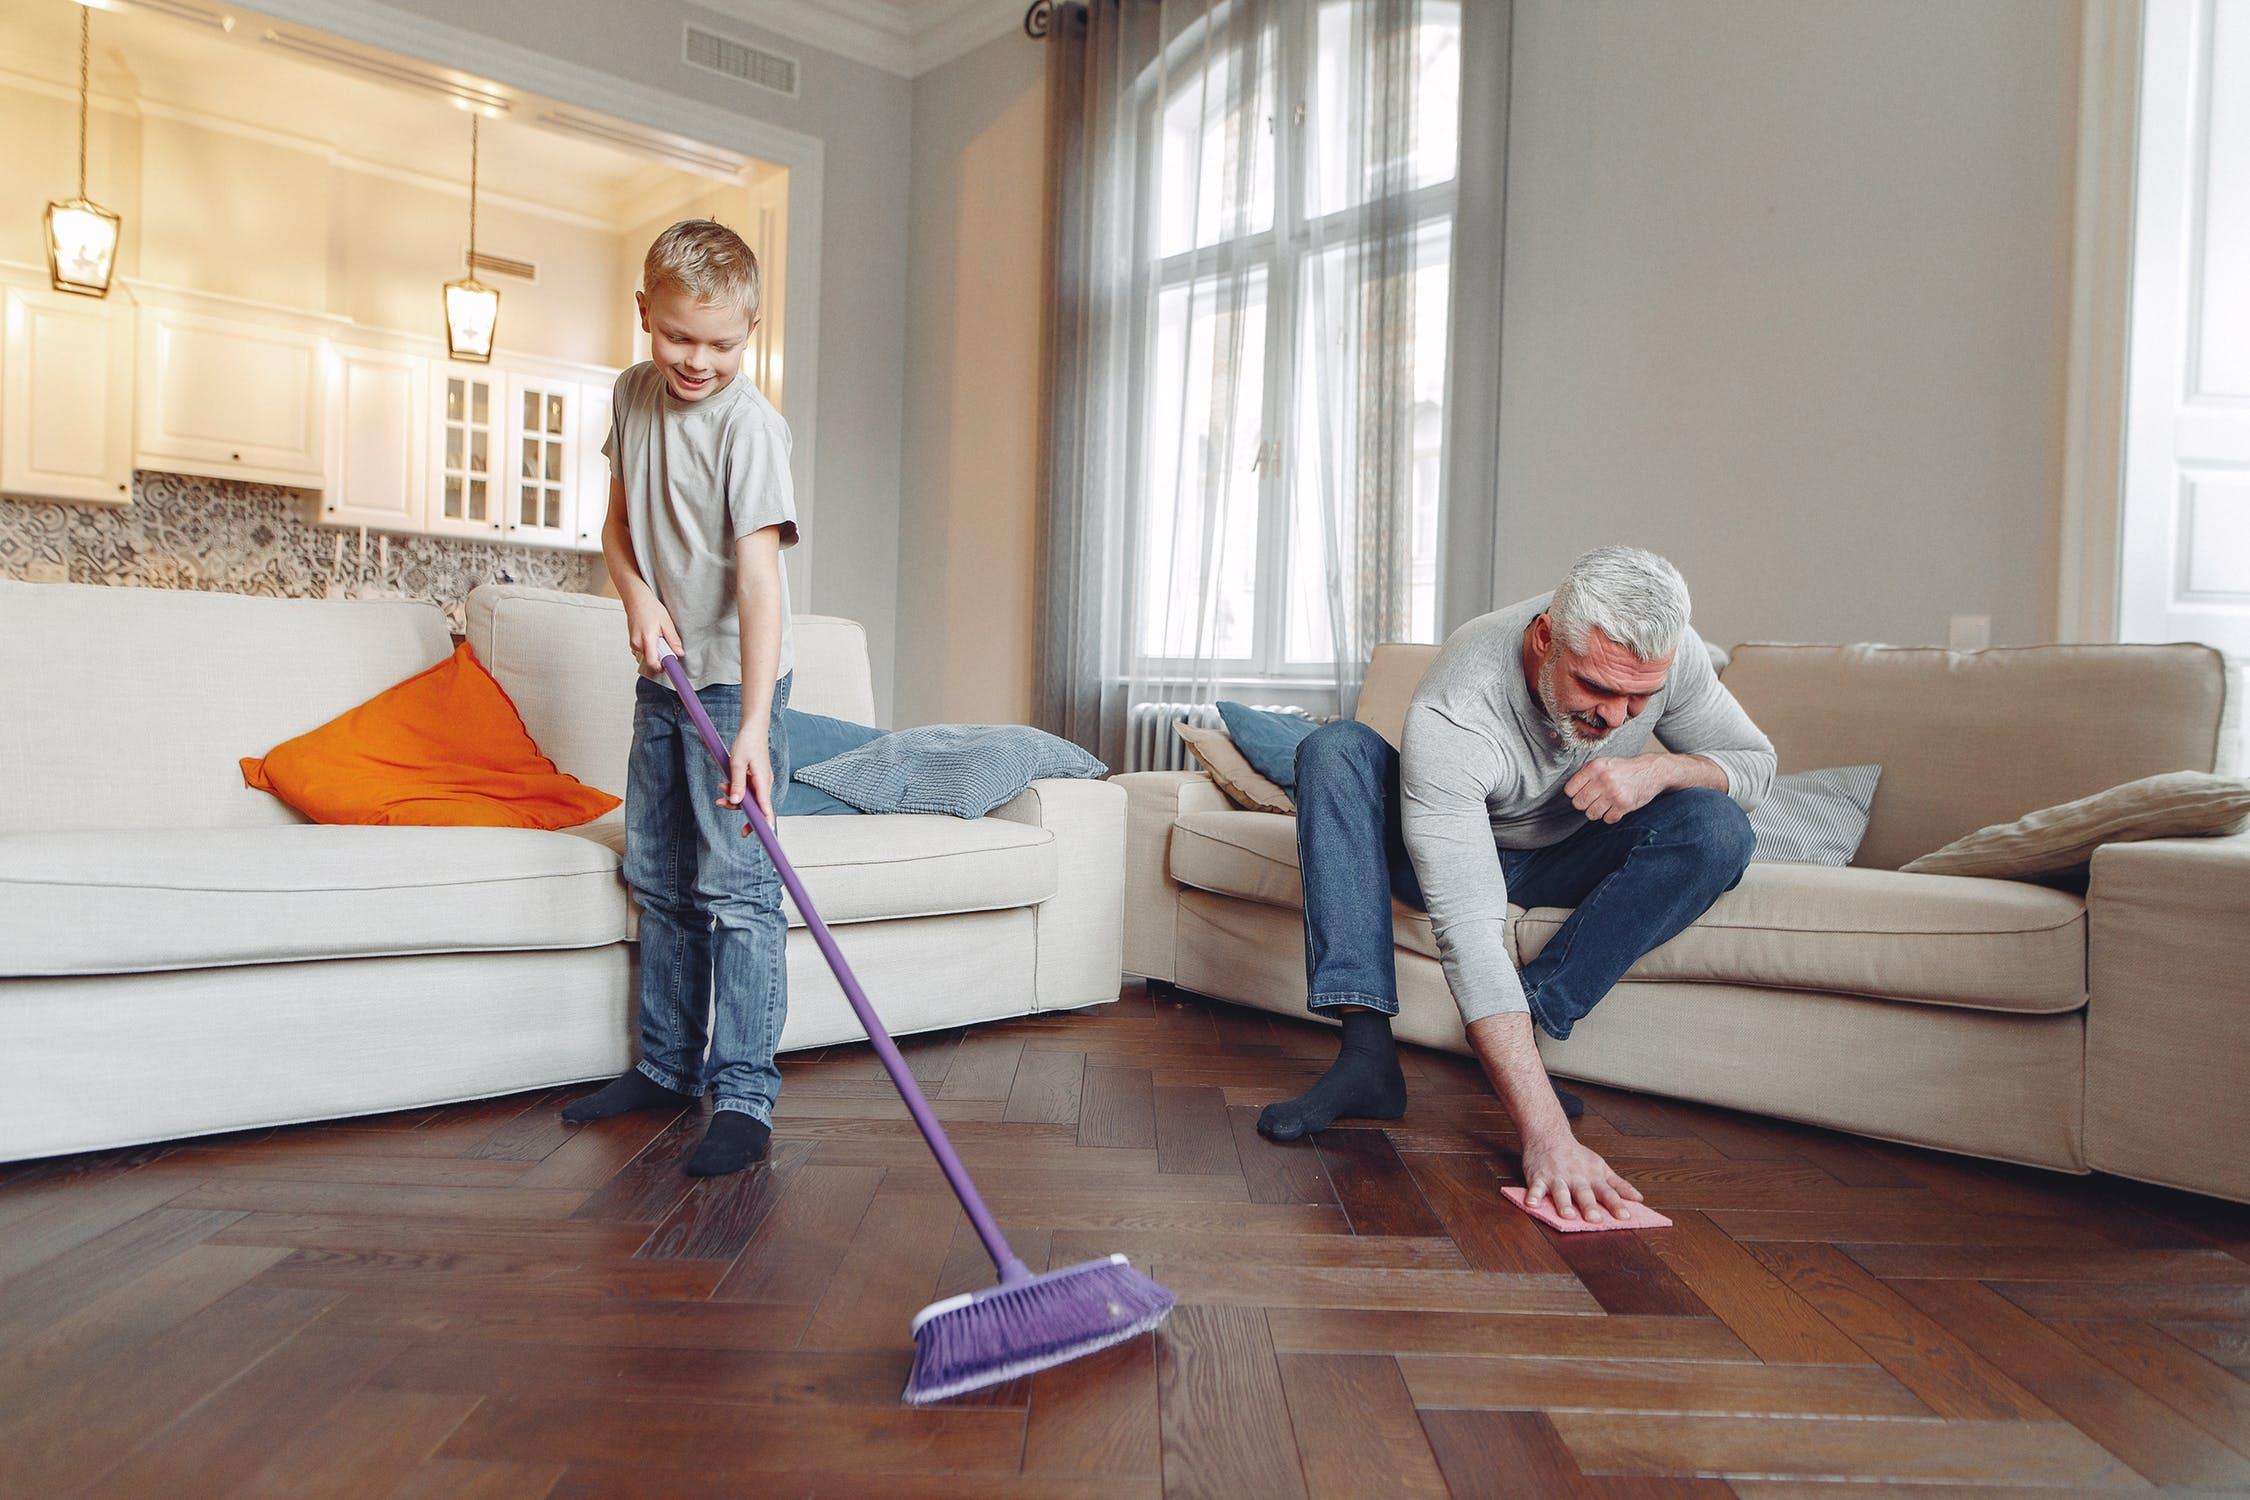 De allerhandigste schoonmaaktips